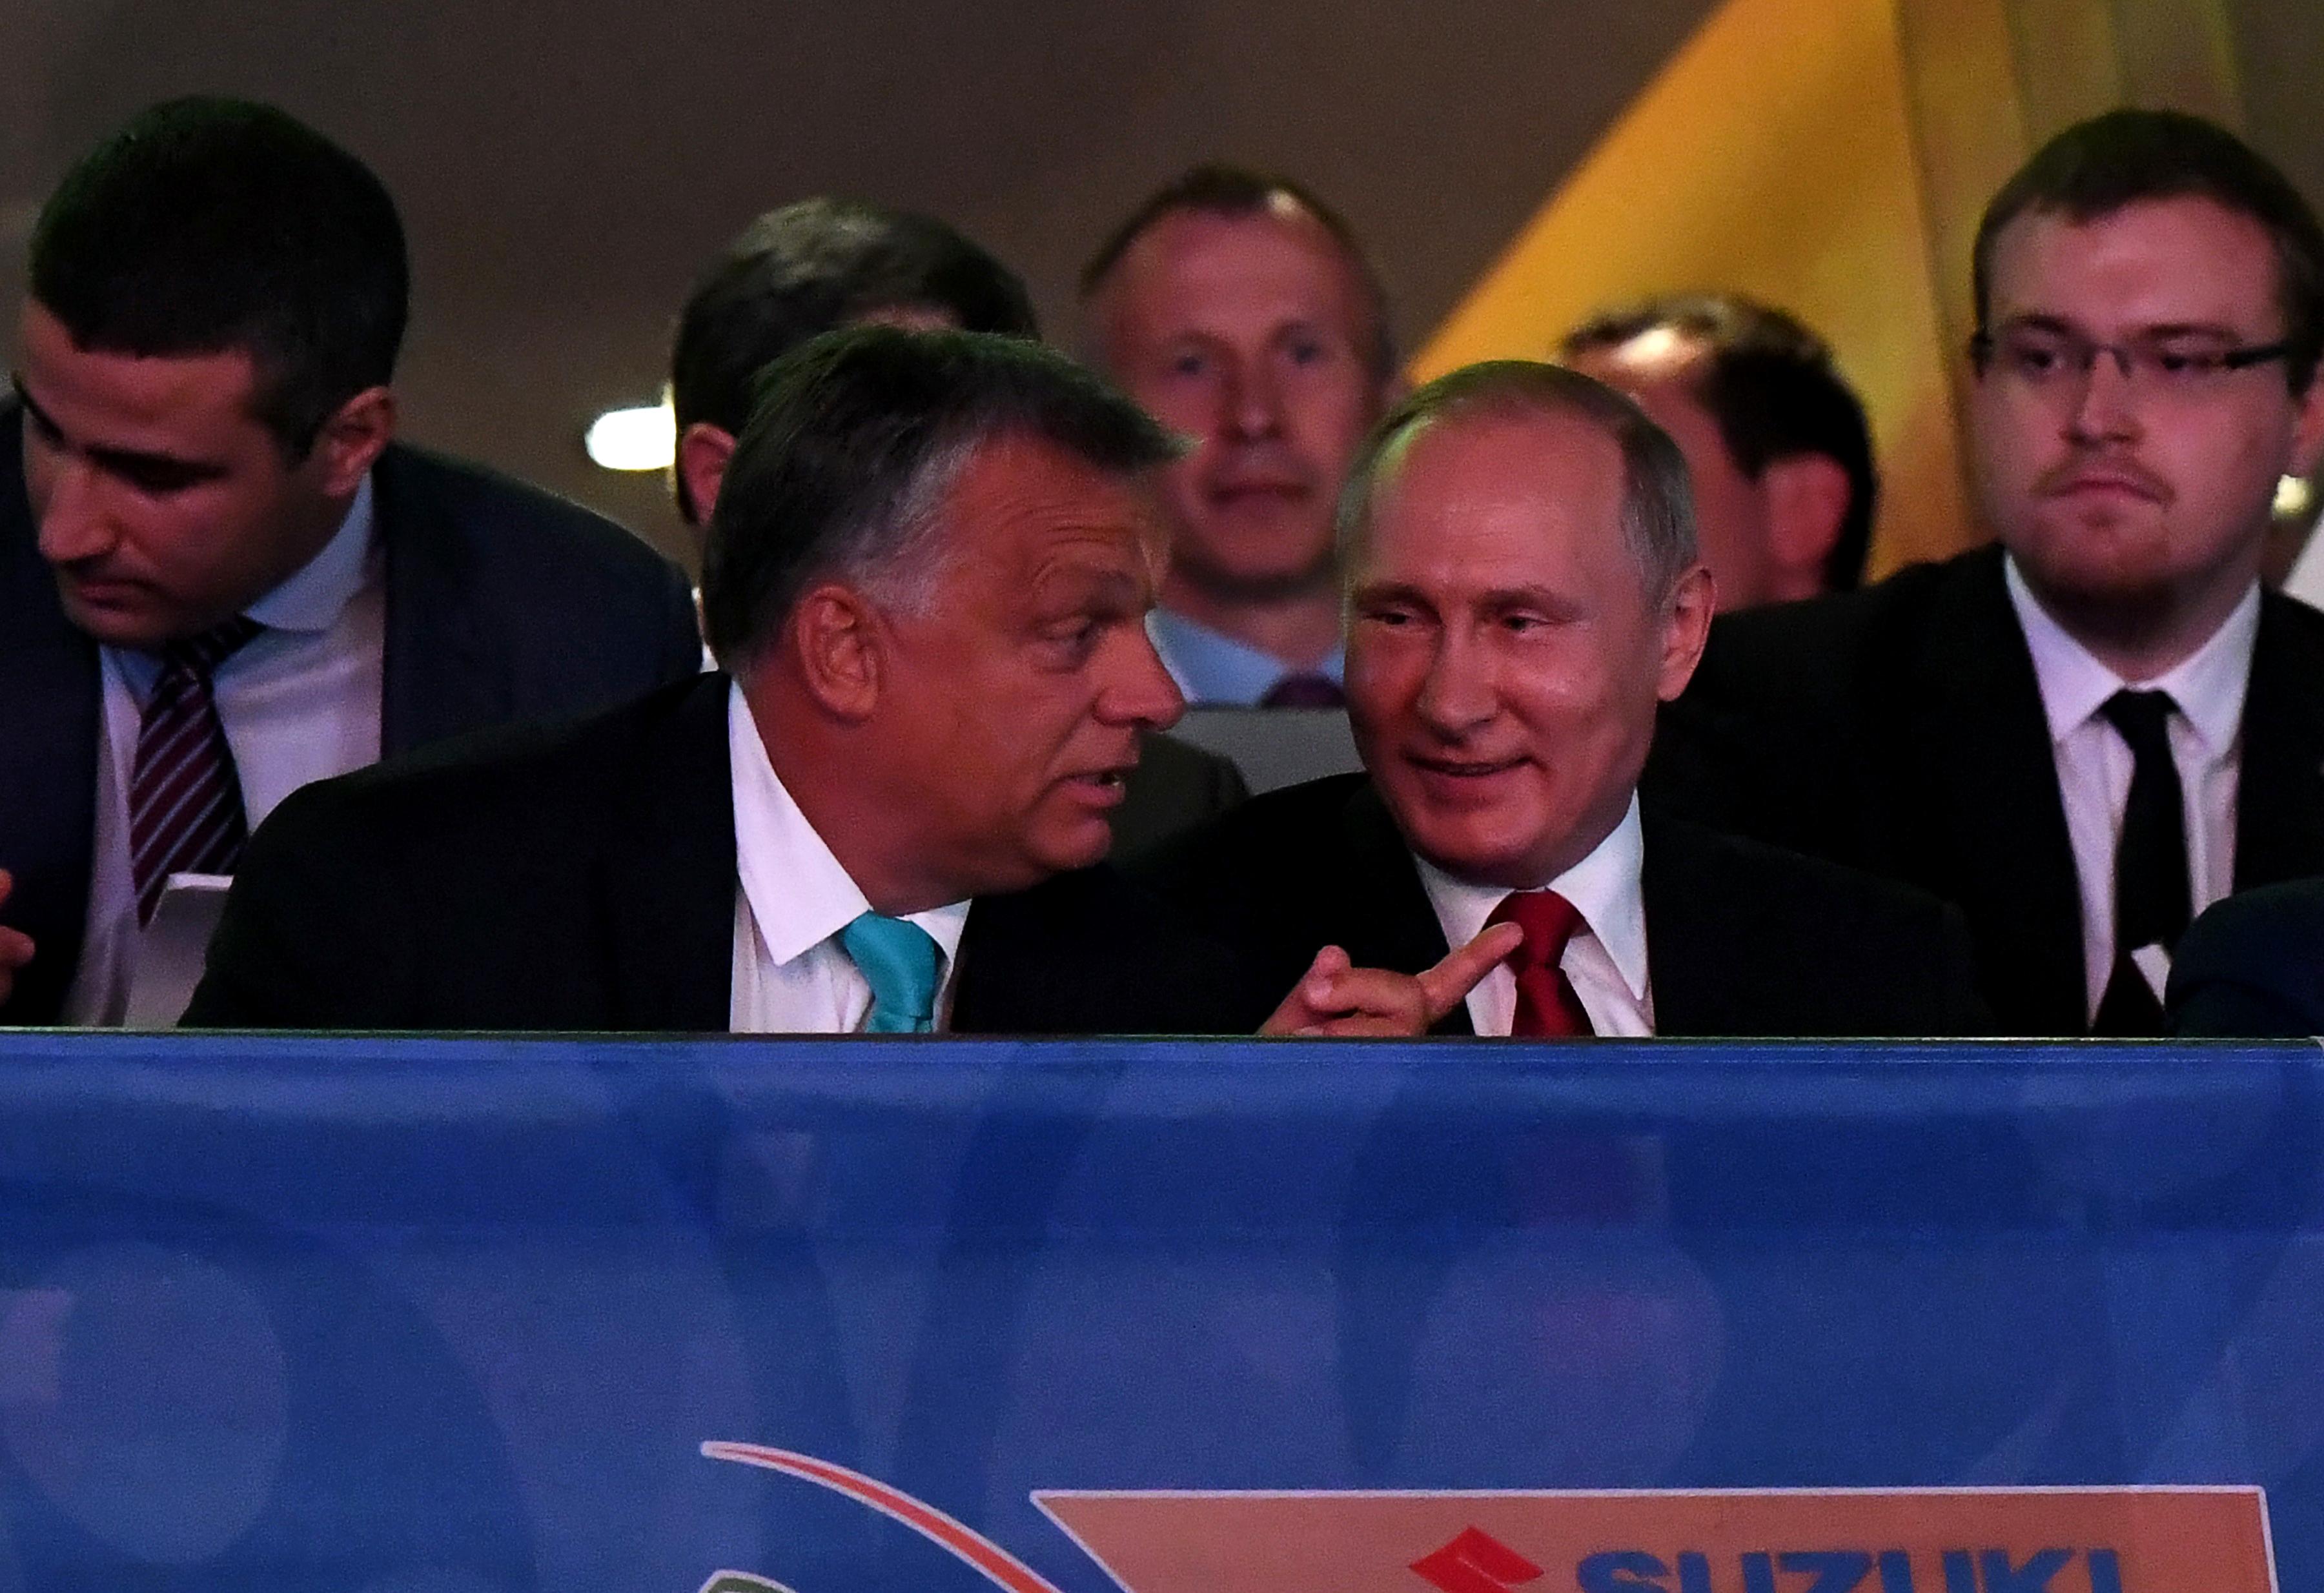 Viktor, köszönöm a meghívást. Ez nem foci, de azért ez is egy jó sport